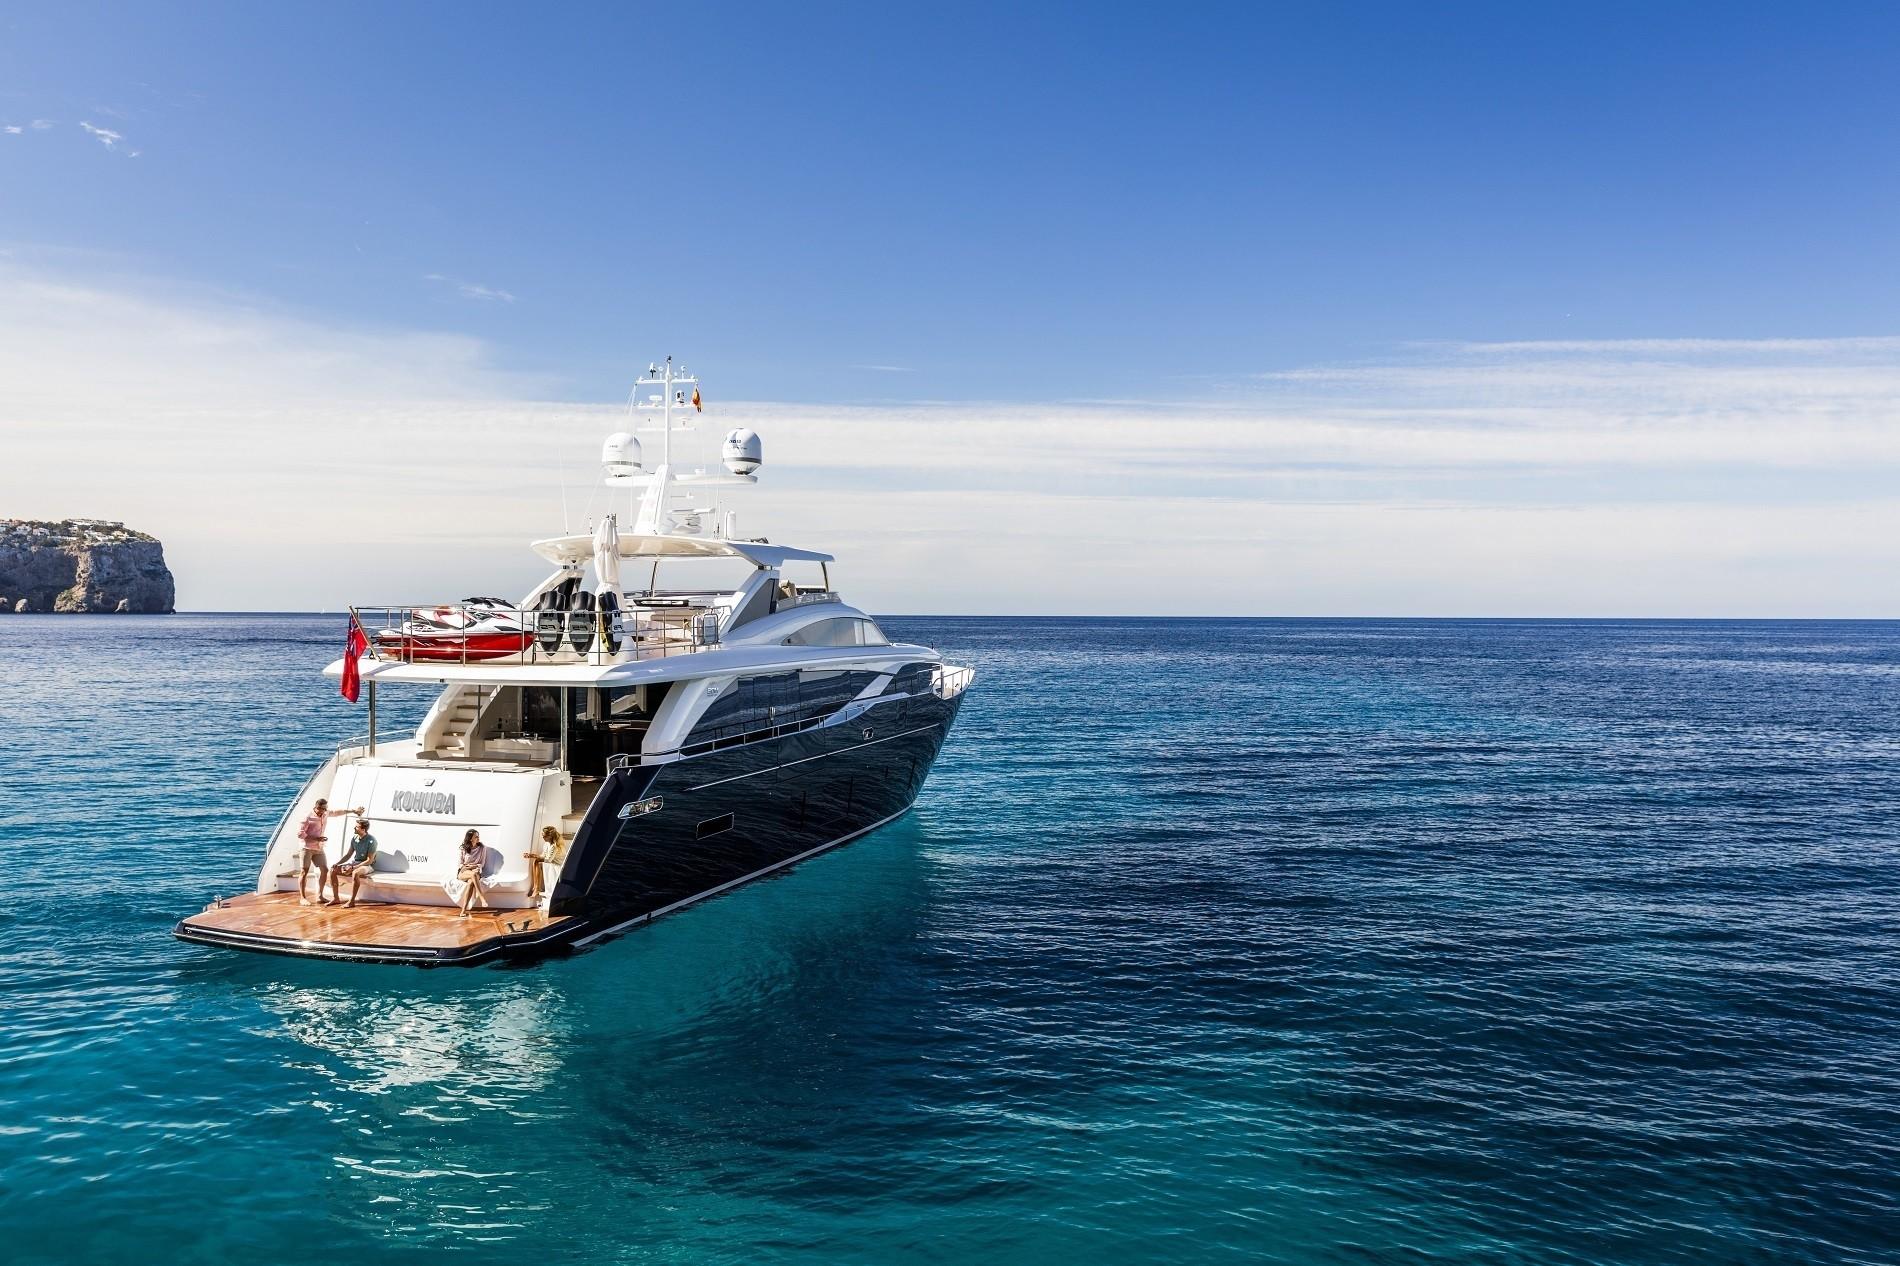 Alquiler de barcos y yates de lujo en Ibiza. Barcos baratos de alquiler en Ibiza.